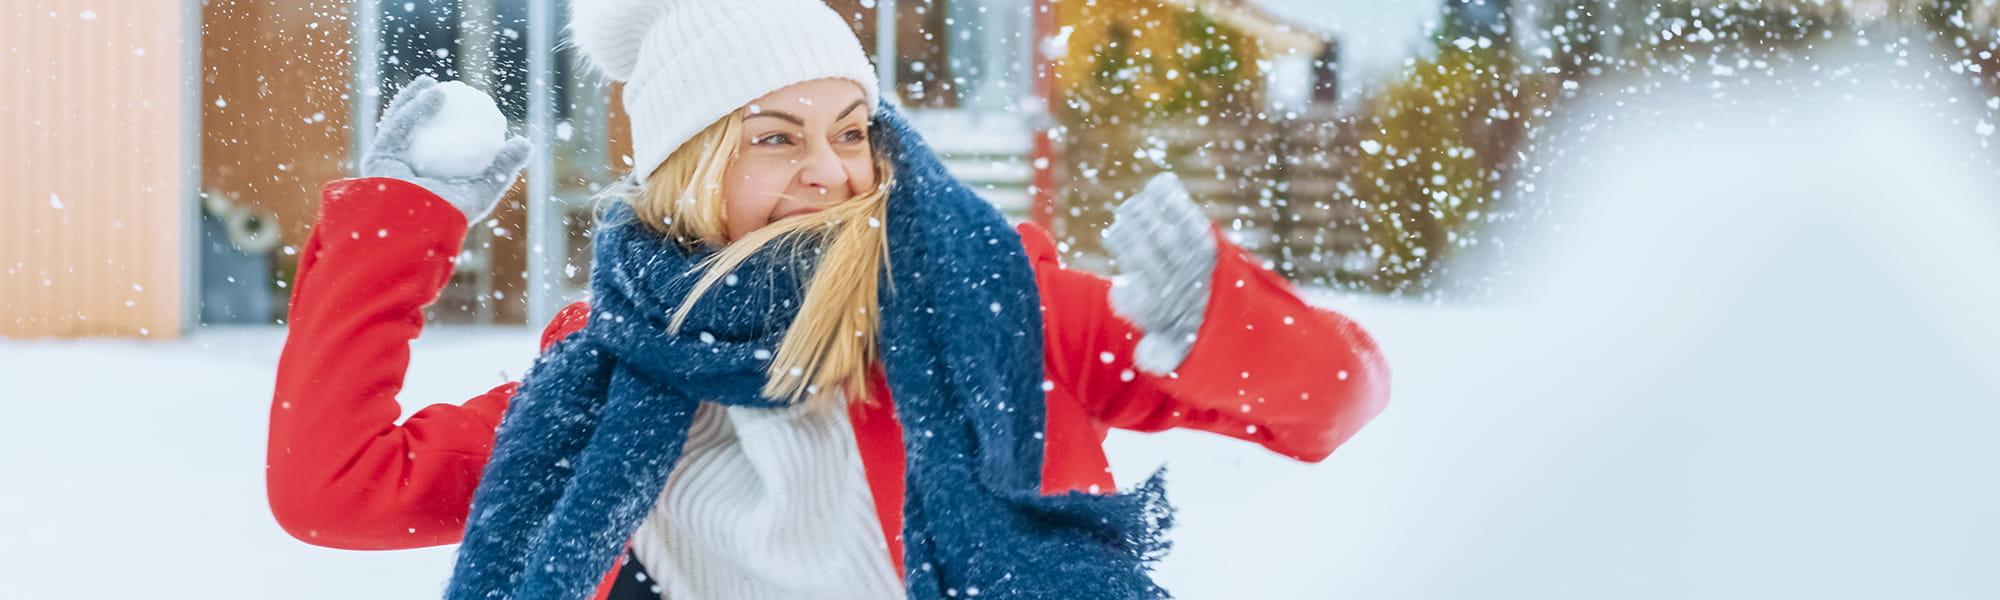 healthy winter activities banner